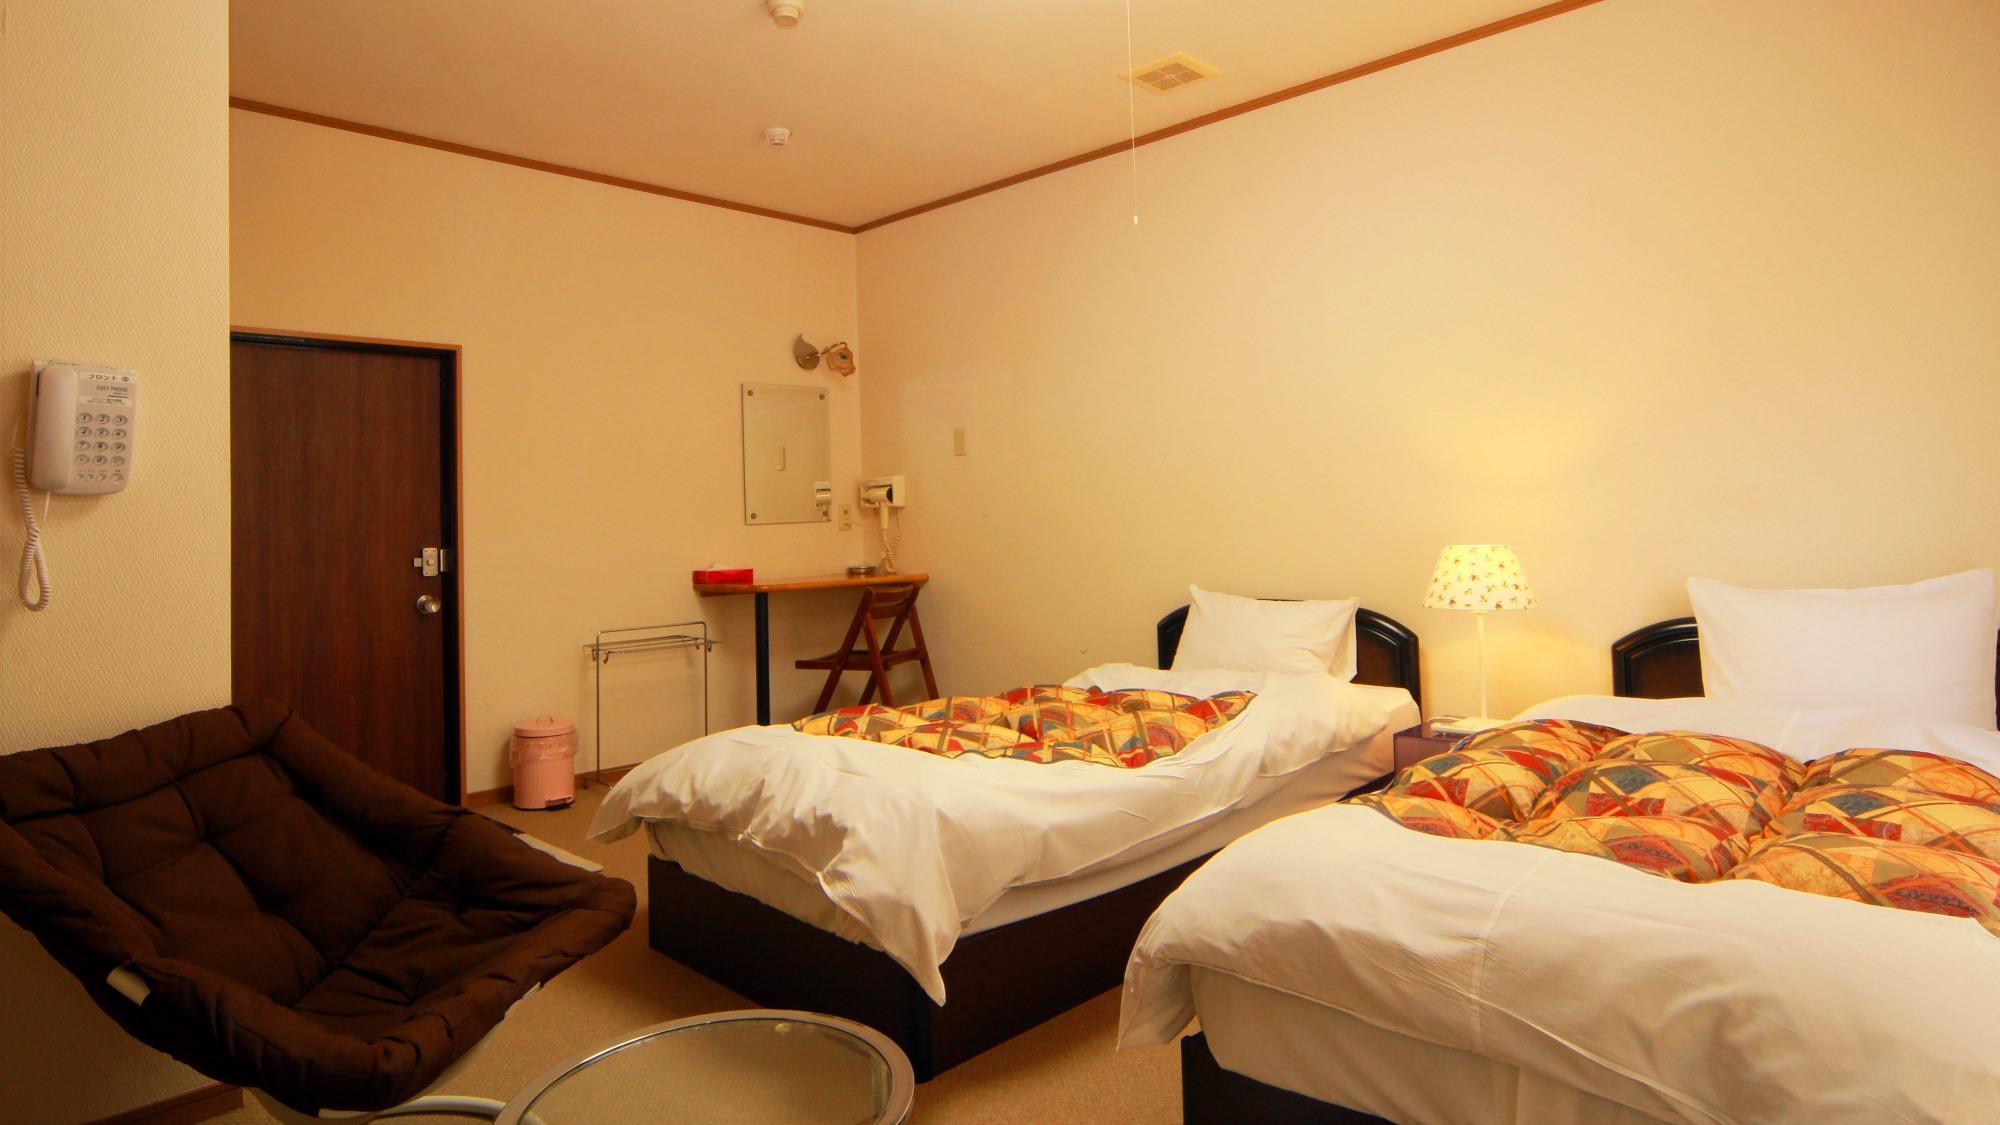 【客室一例】お客様の人数に合わせてお部屋をご案内いたします。洋室ツインバストイレ付き